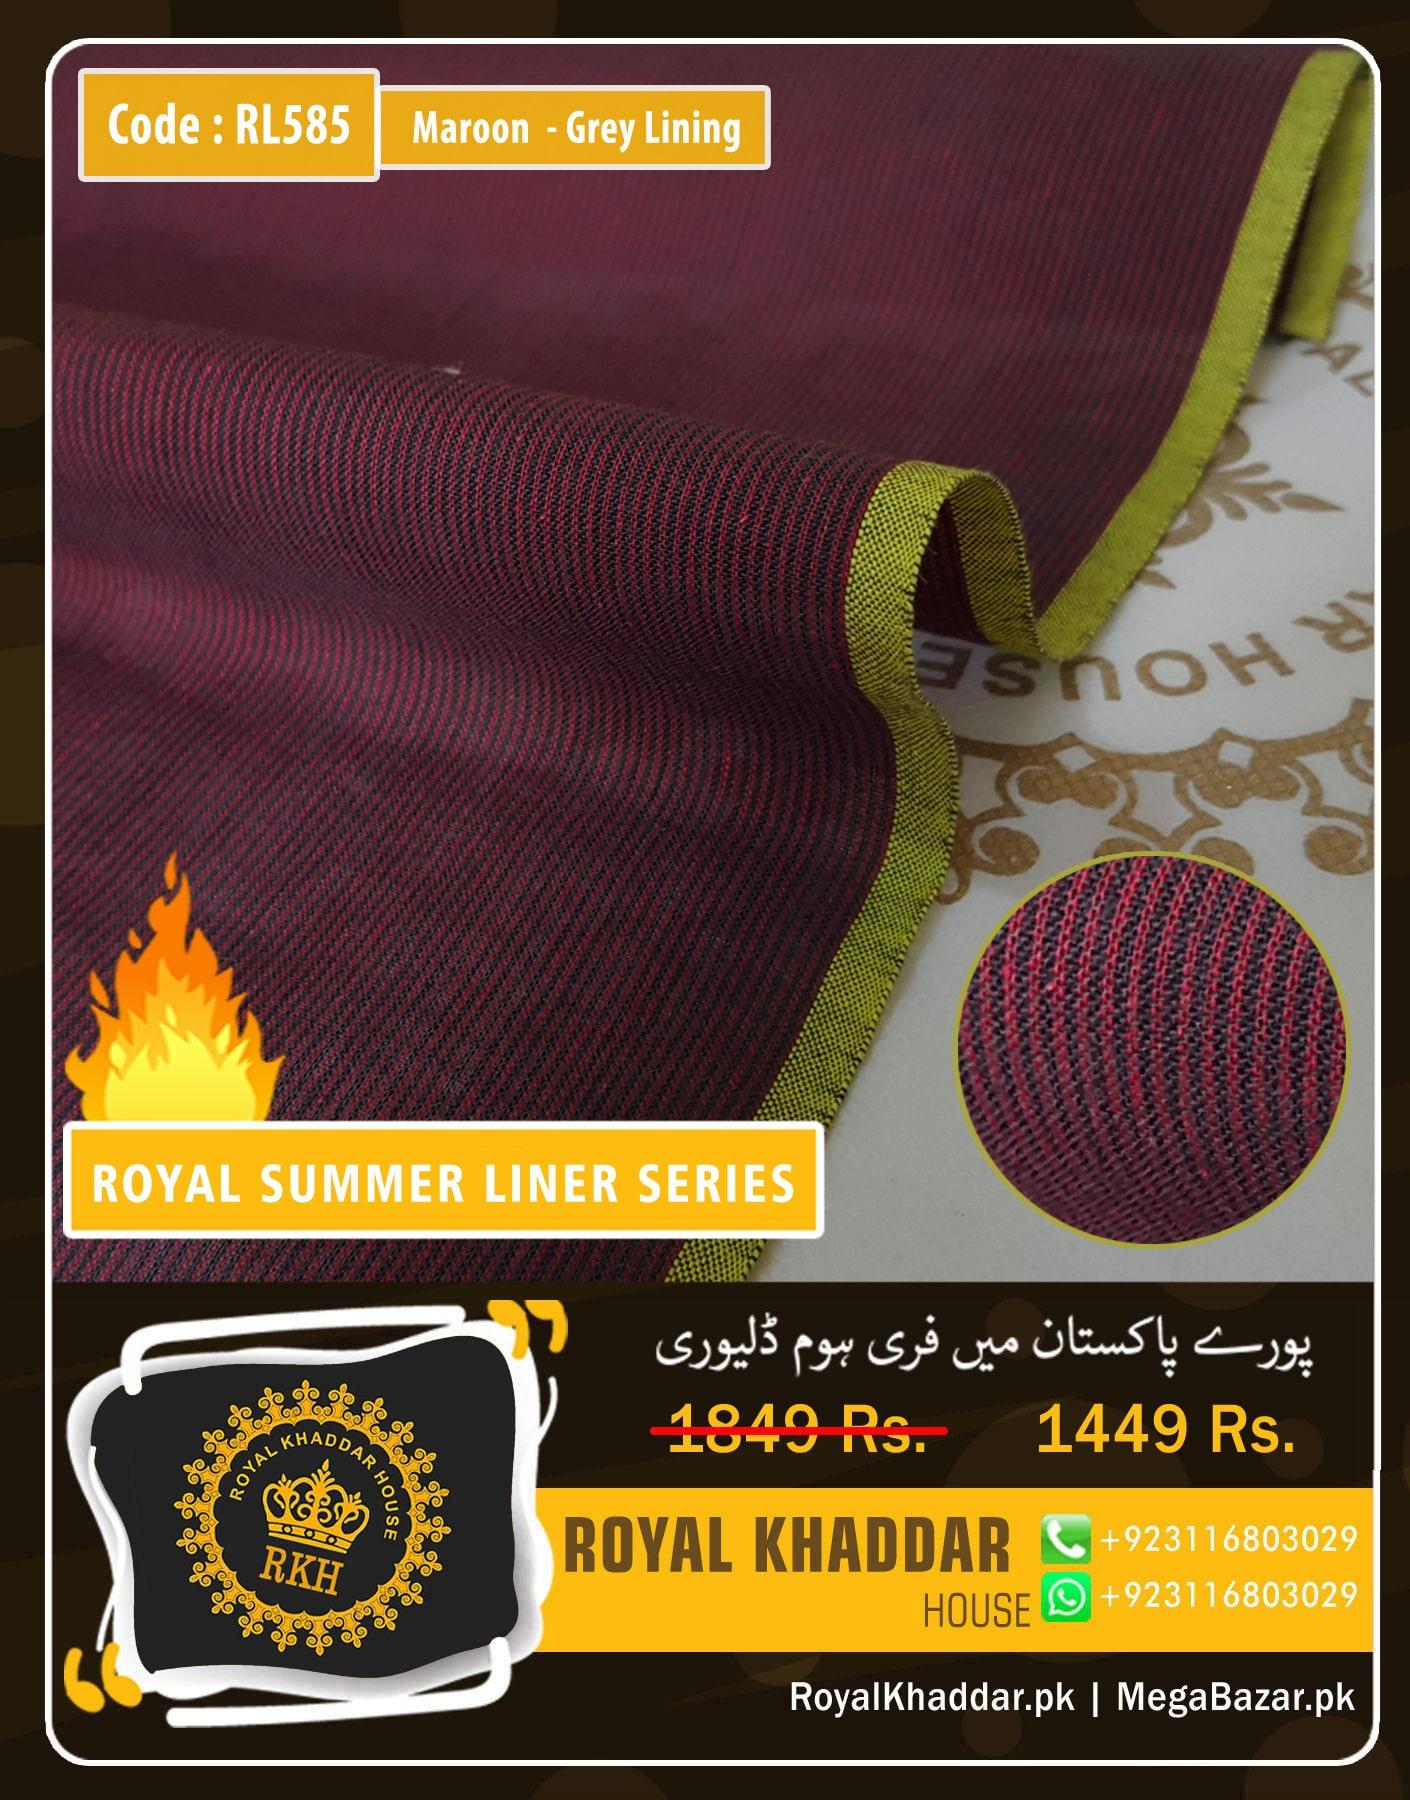 Maroon - Grey Summer Liner Khaddar RL585